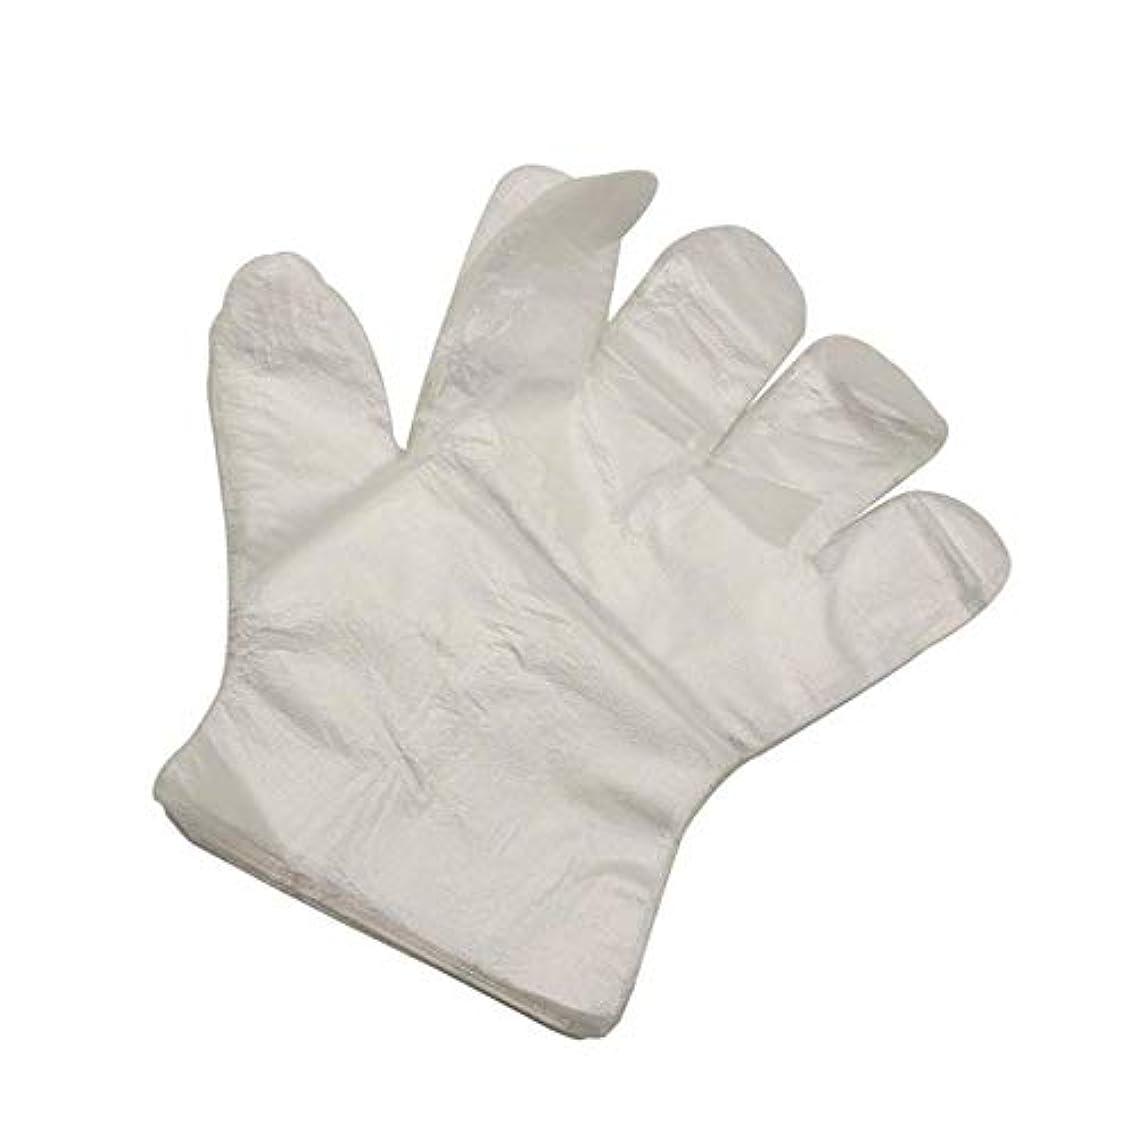 練る廃棄する接辞使い捨て手袋 極薄ビニール手袋 調理 透明 実用 衛生 左右両手が使える 家、レストラン、掃除、木工に使用することができます (1000)